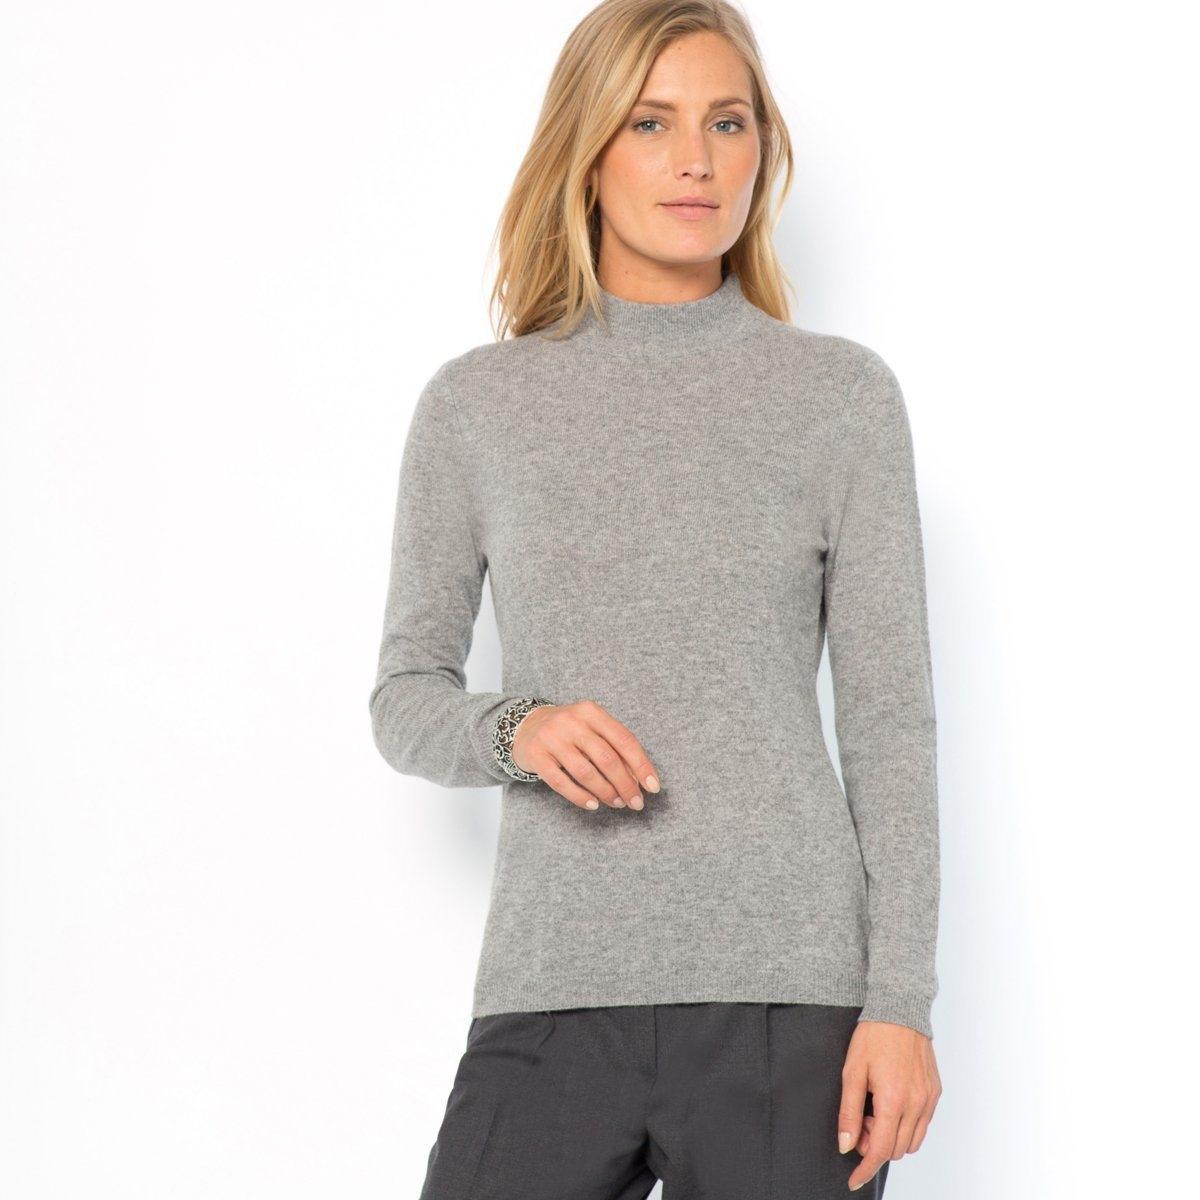 Пуловер, 100% кашемираПодарите себе наслаждение невероятной легкостью, мягкостью и теплом кашемира! Нежнейший трикотаж, 100% кашемира. Высокий воротник. Низ длинных рукавов и пуловера связан в рубчик. Длина 60 см.<br><br>Цвет: бежевый экрю,розовая пудра,серый меланж,черный<br>Размер: 42/44 (FR) - 48/50 (RUS).46/48 (FR) - 52/54 (RUS).38/40 (FR) - 44/46 (RUS).42/44 (FR) - 48/50 (RUS).38/40 (FR) - 44/46 (RUS).42/44 (FR) - 48/50 (RUS)